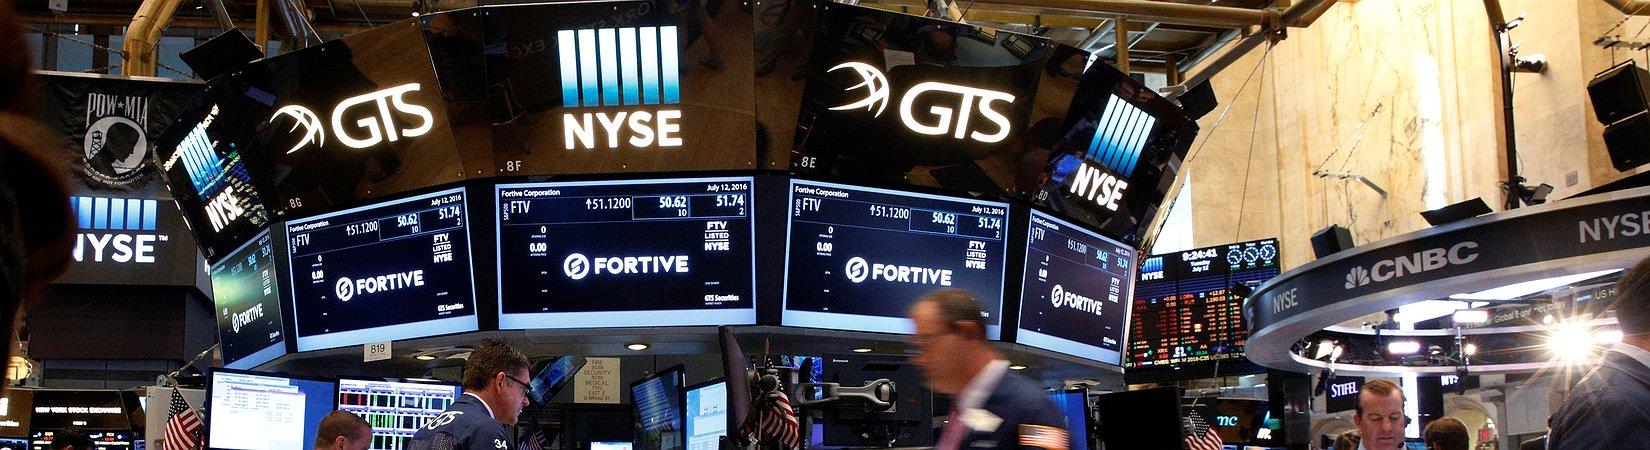 Todo el mundo está equivocado con estas acciones en Wall Street